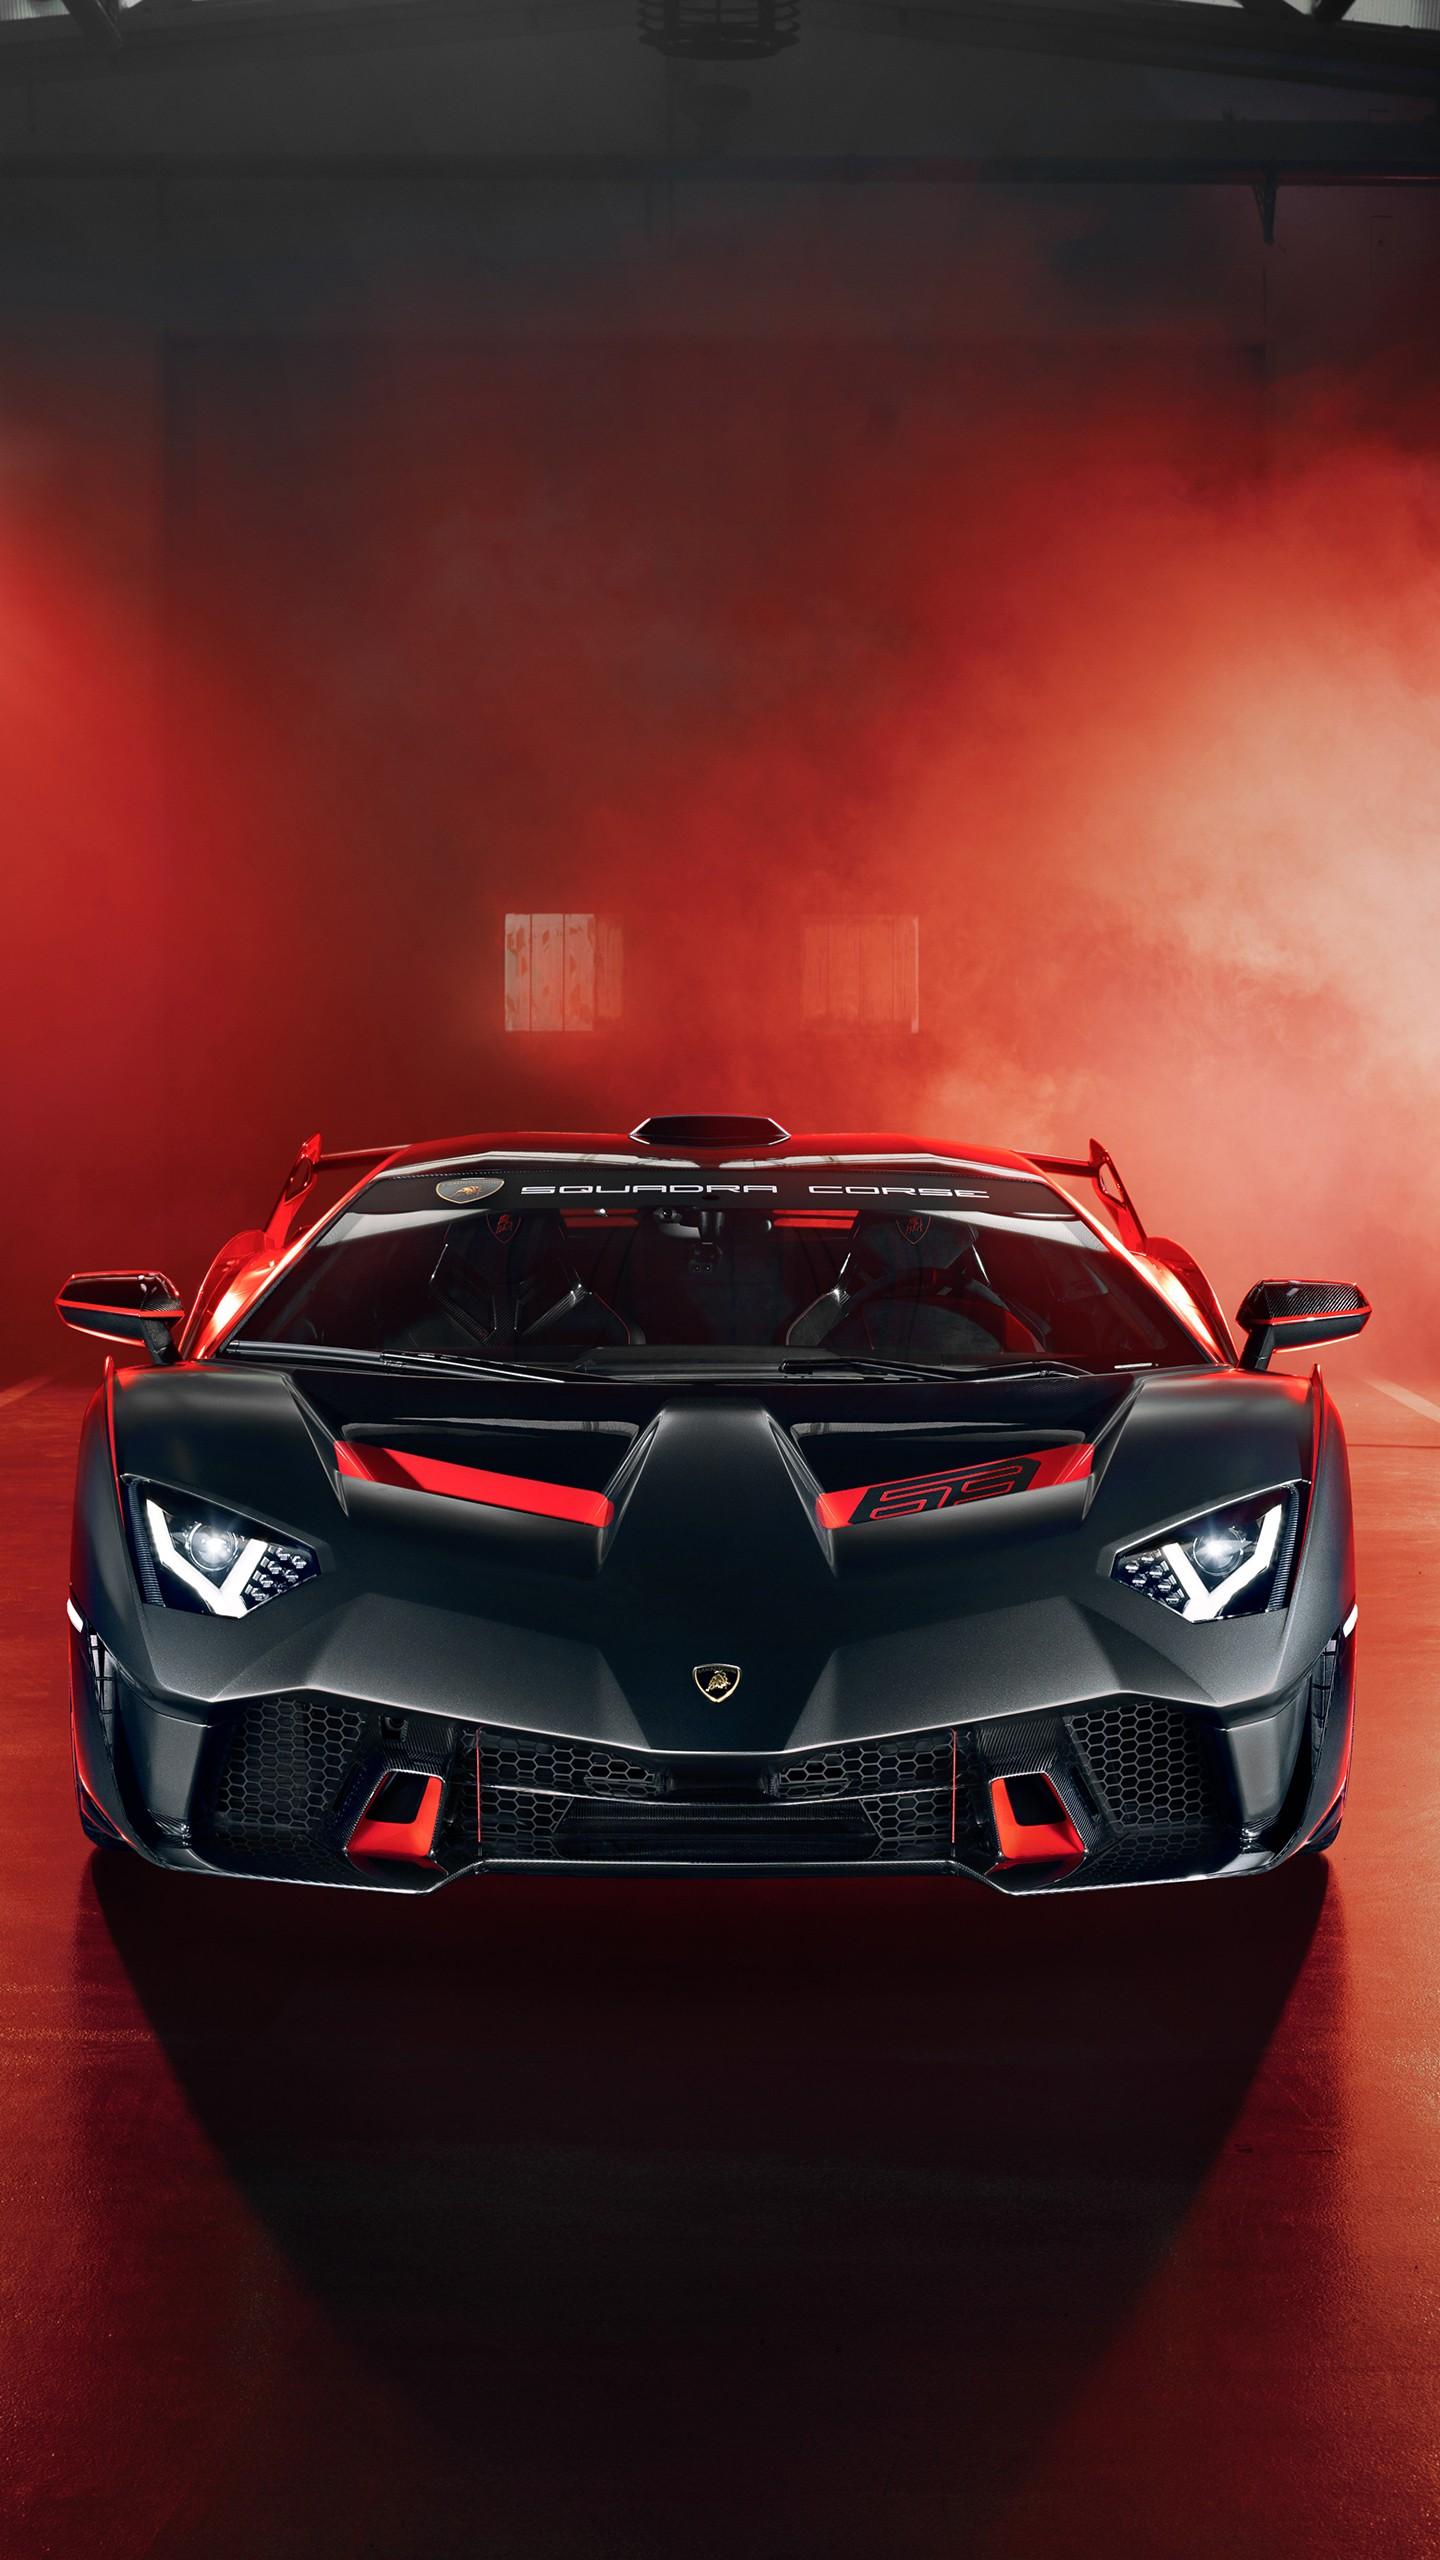 Exotic Car Wallpaper Iphone Lamborghini Sc18 2019 4k Wallpapers Hd Wallpapers Id